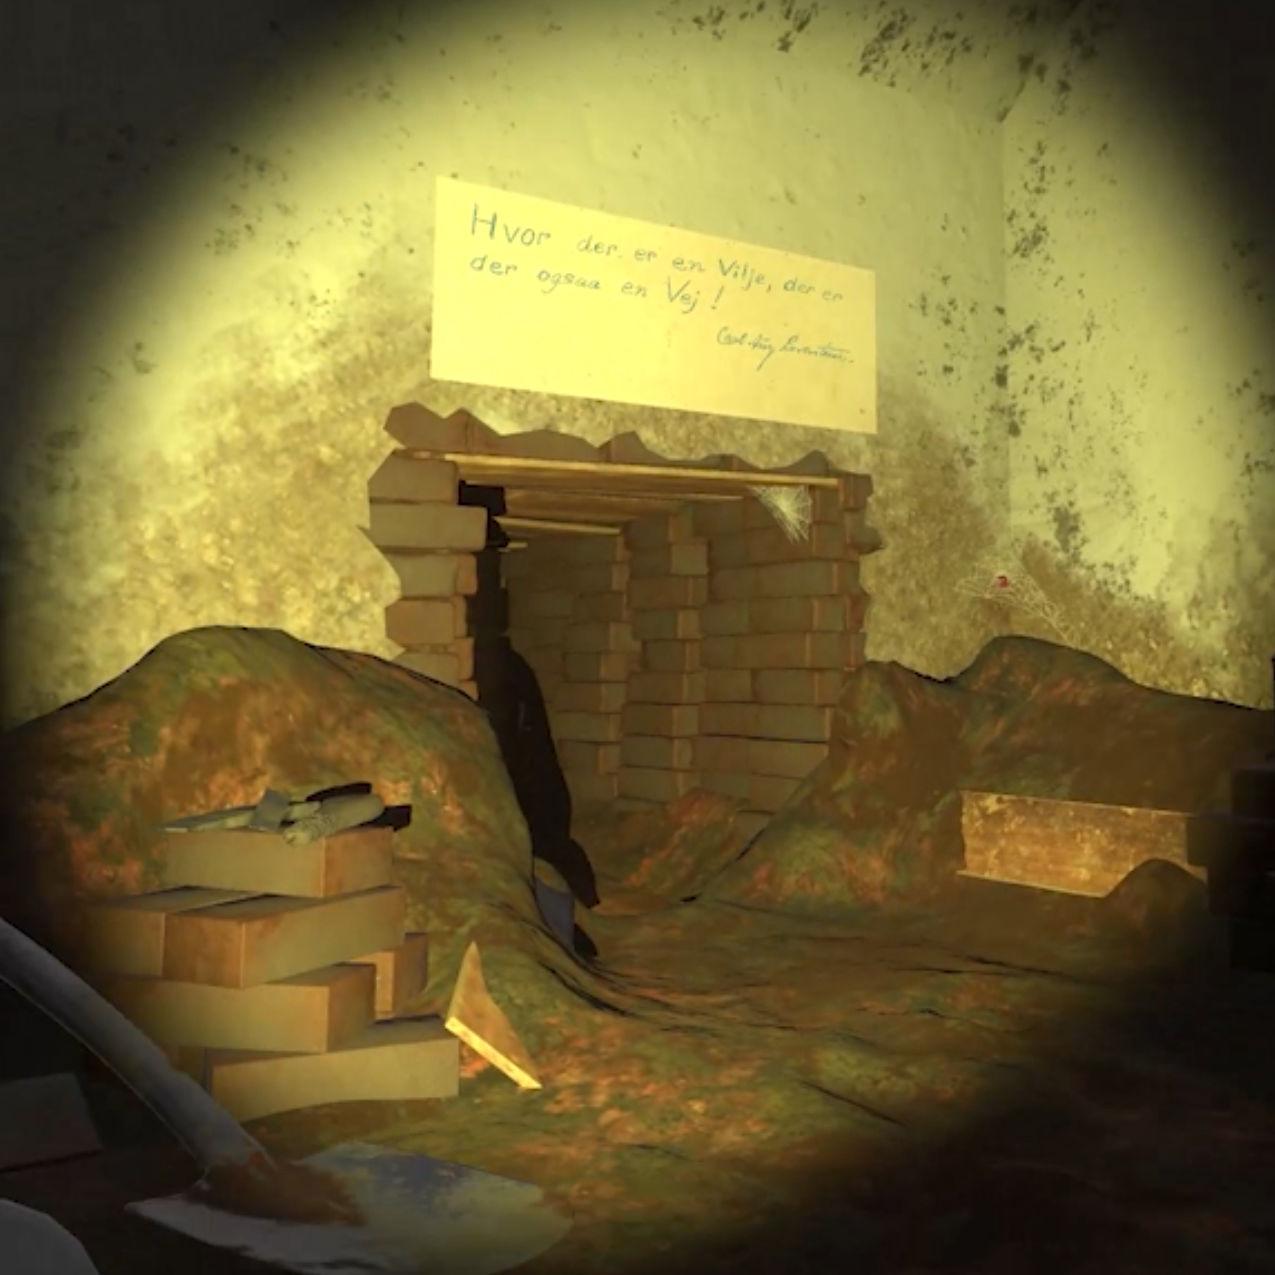 VR Oplevelse til Fængslet